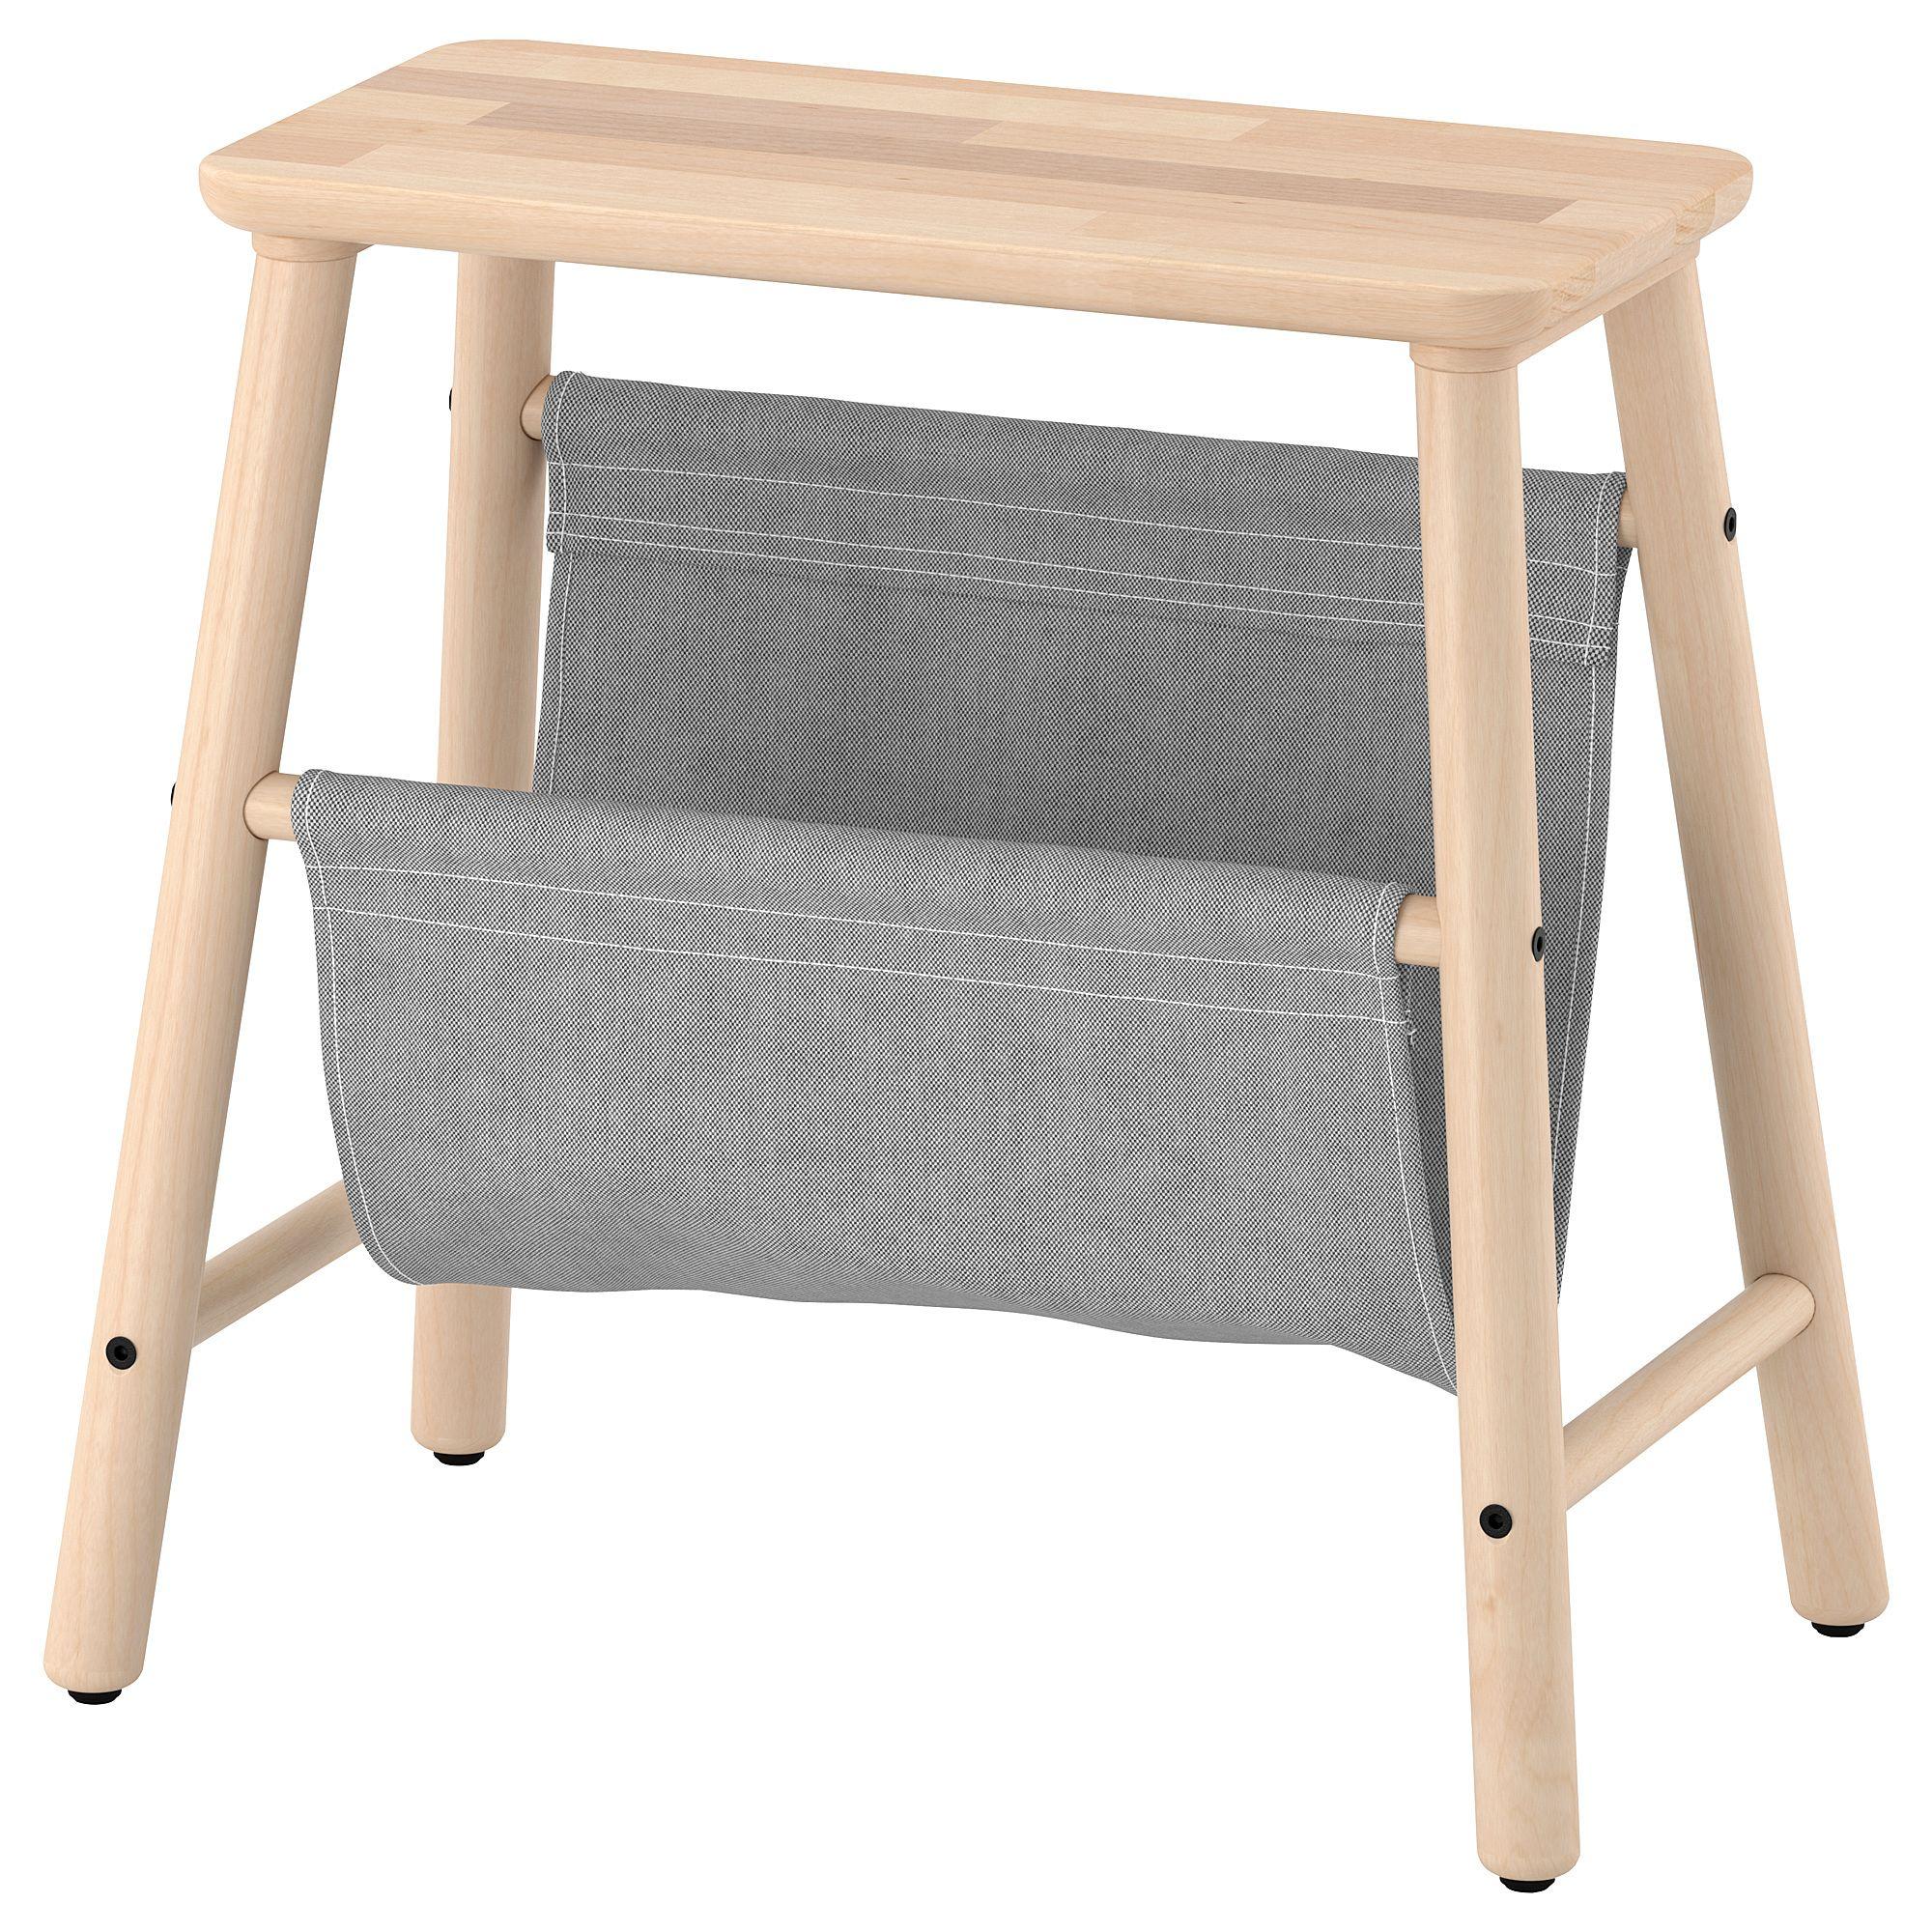 Sgabello Bambini Bagno Ikea vilto sgabello con contenitore - betulla 45 cm (con immagini